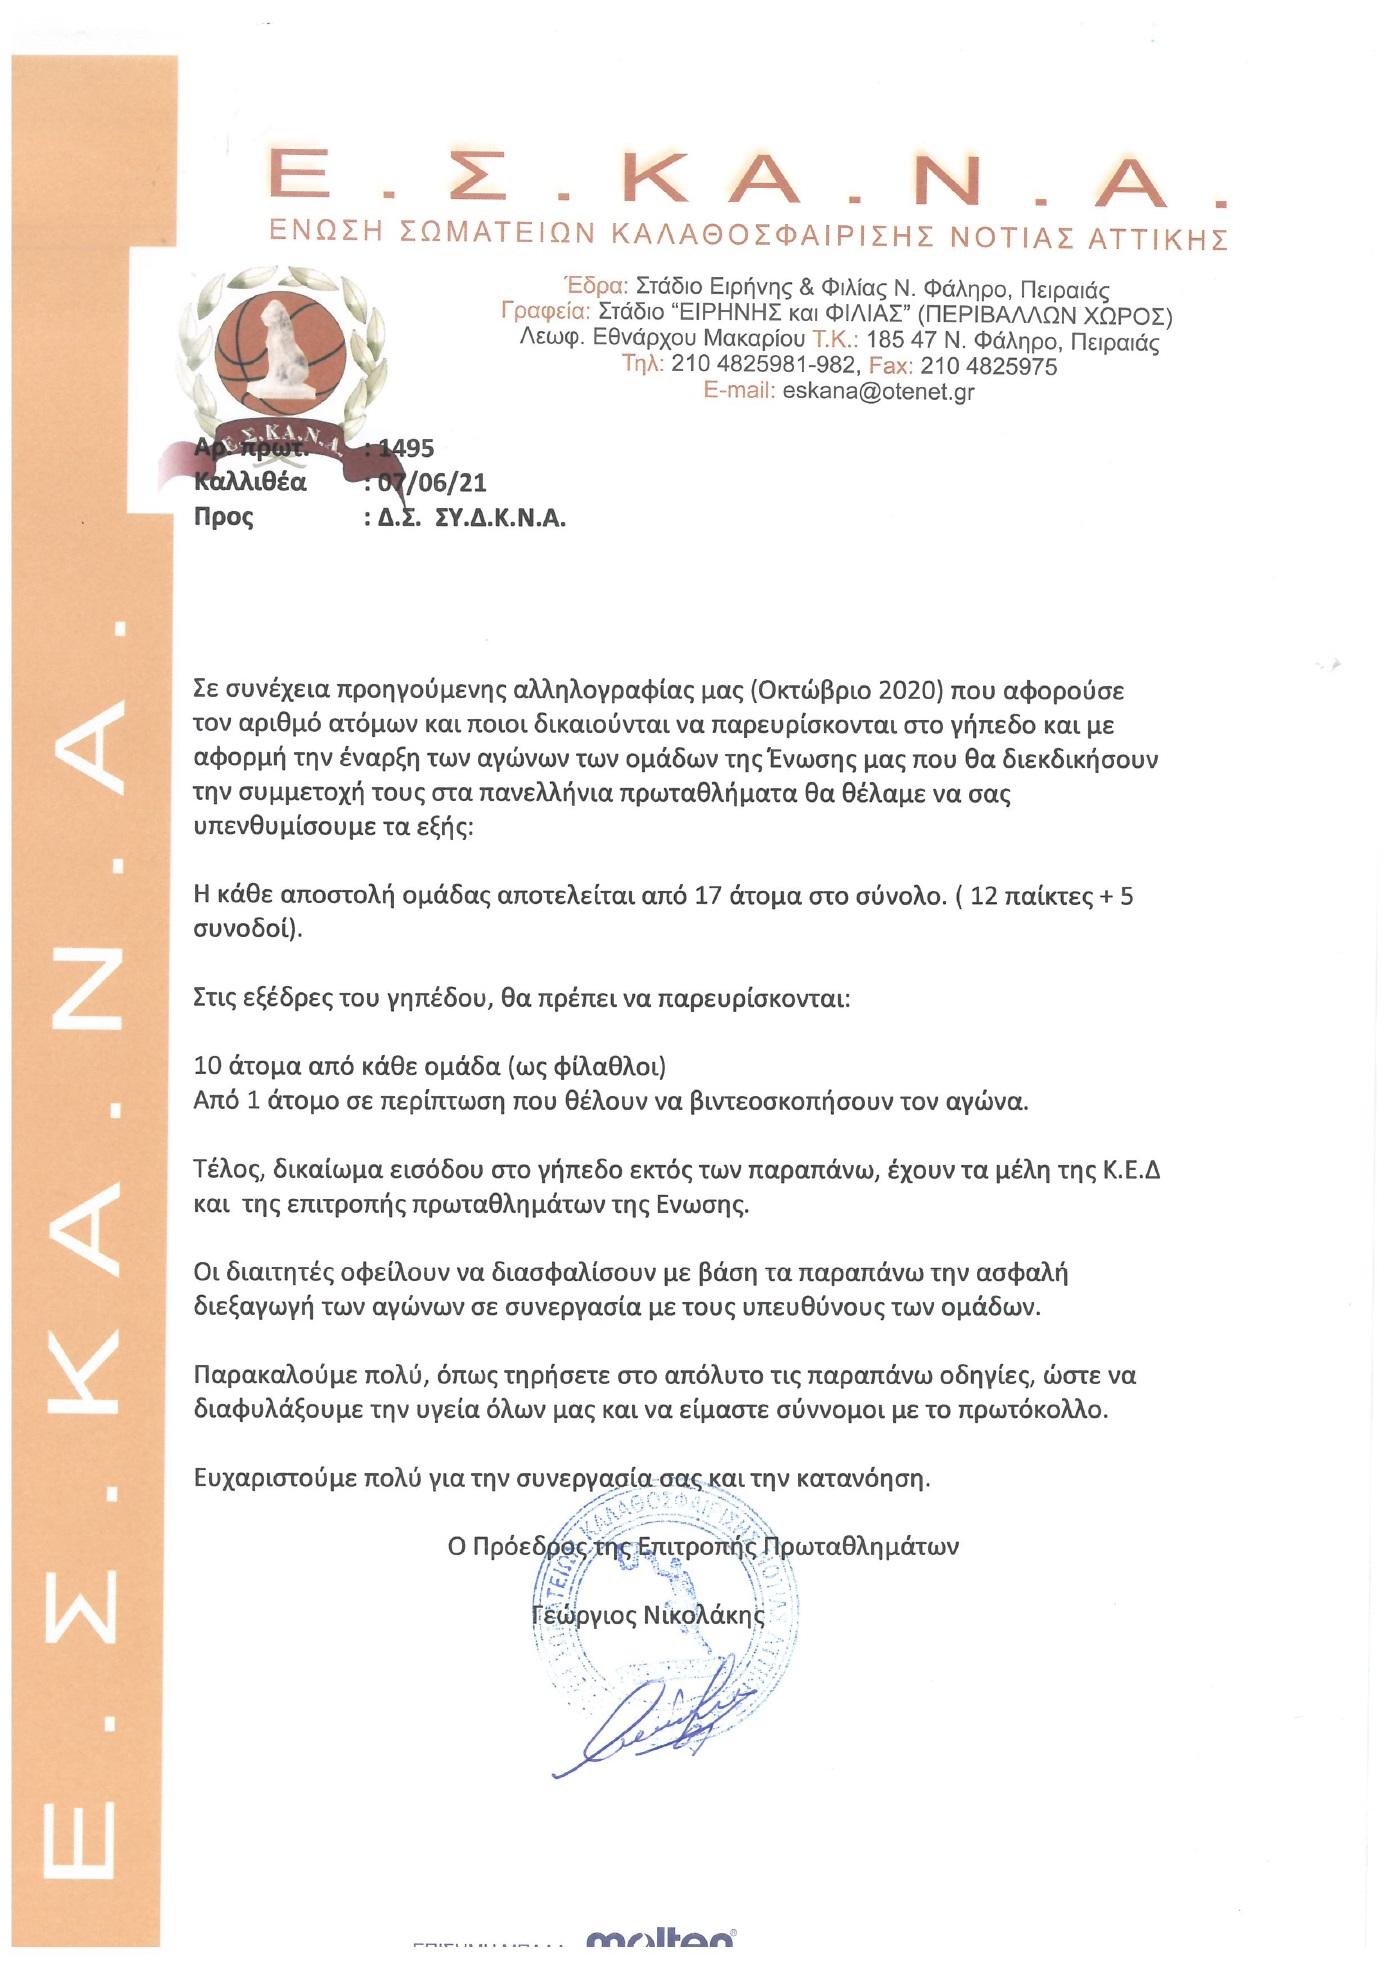 Έγγραφο που αφορά τον ΣΥΔΚΝΑ για την τήρηση του πρωτοκόλου ΕΟΔΥ στους αγώνες